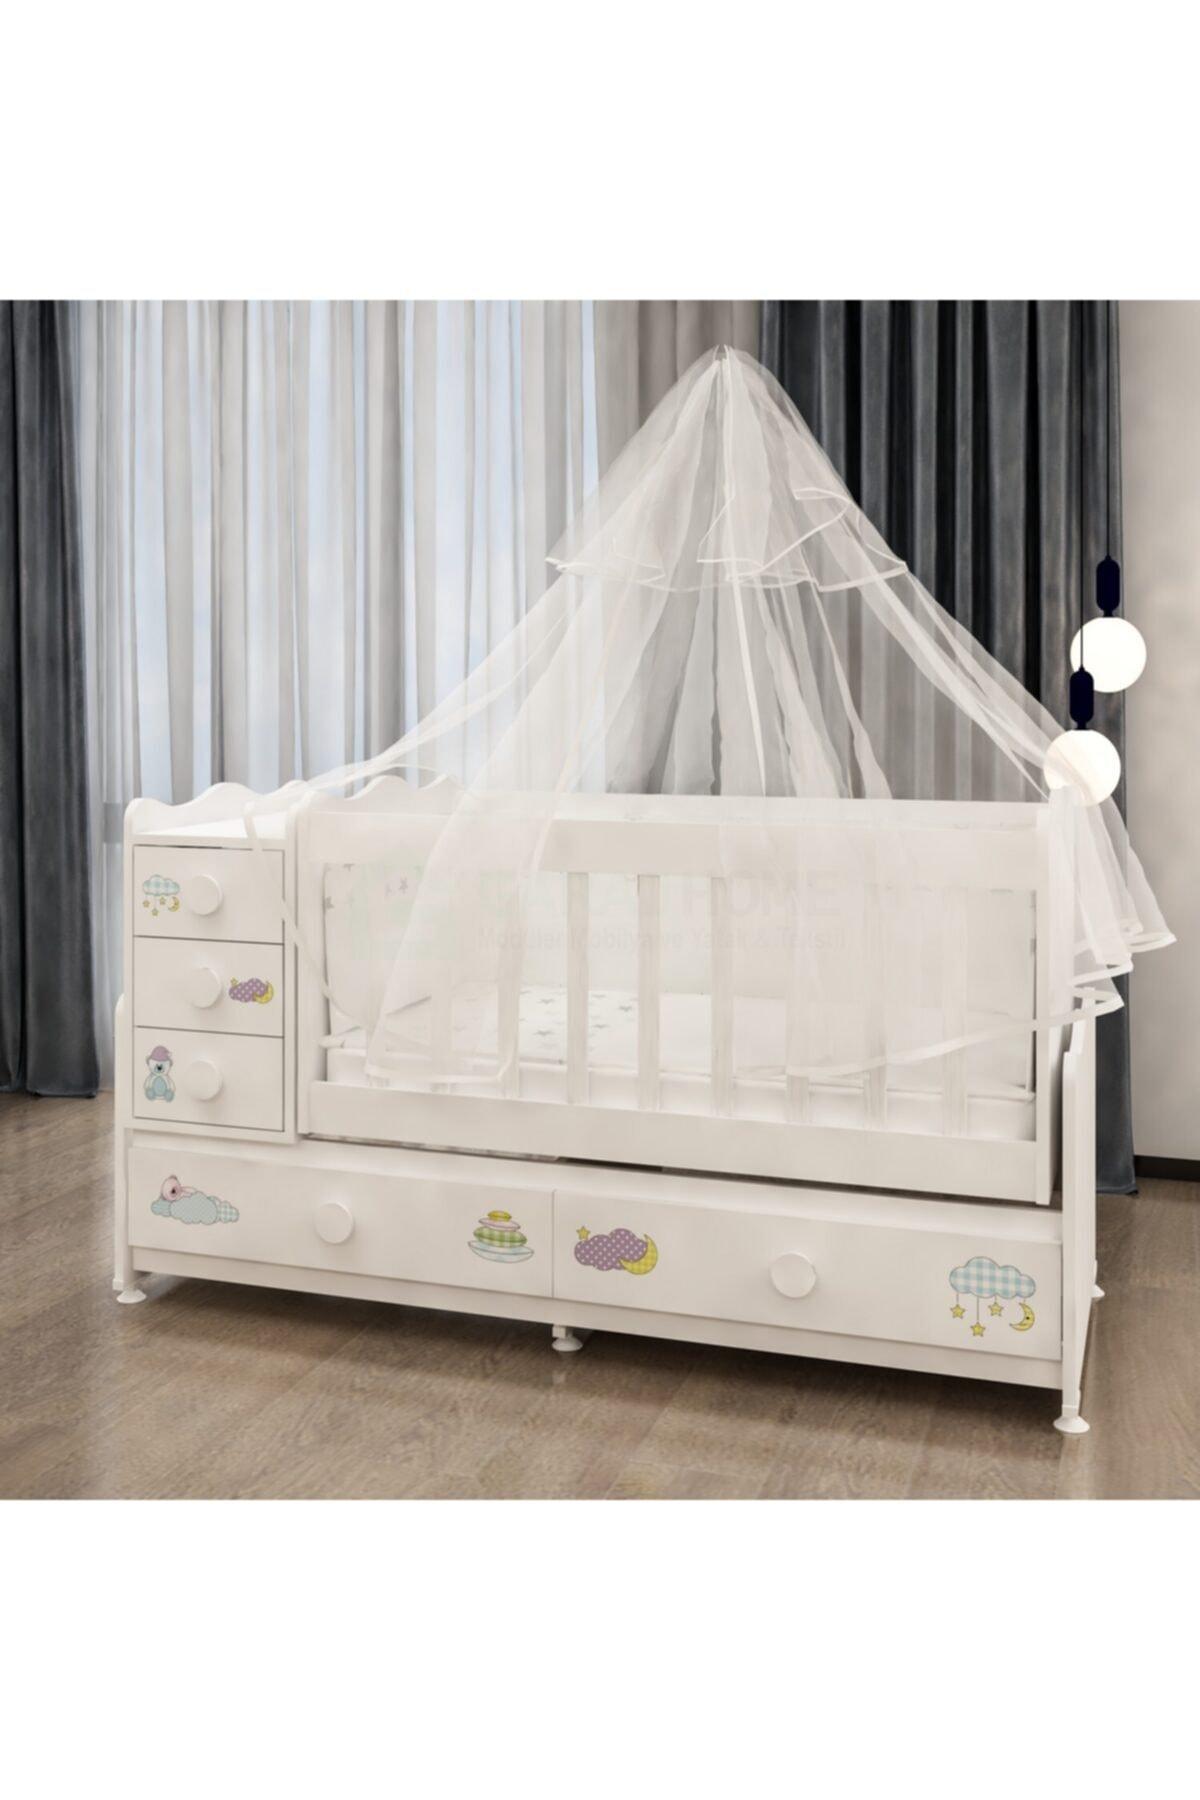 Melina Uykucu Uyku Setli Beşik Kombini- Uykuseti Beyaz